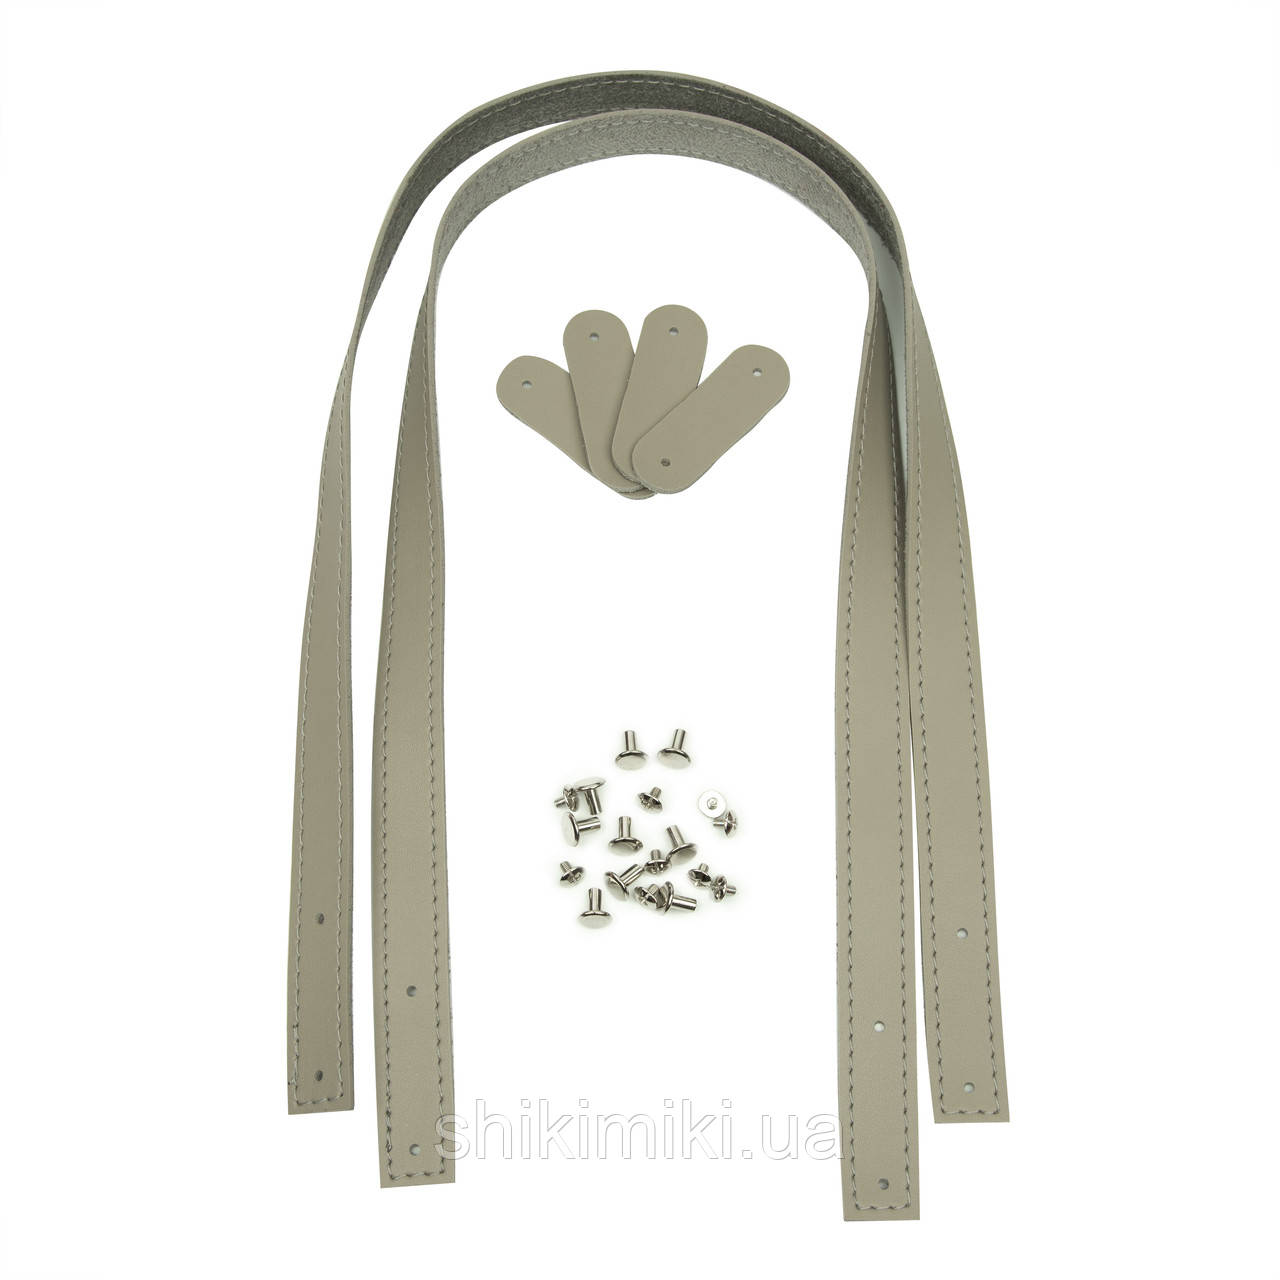 Ручки на винтах для шопперов из эко кожи, 70*2 см, цвет серо-бежевый